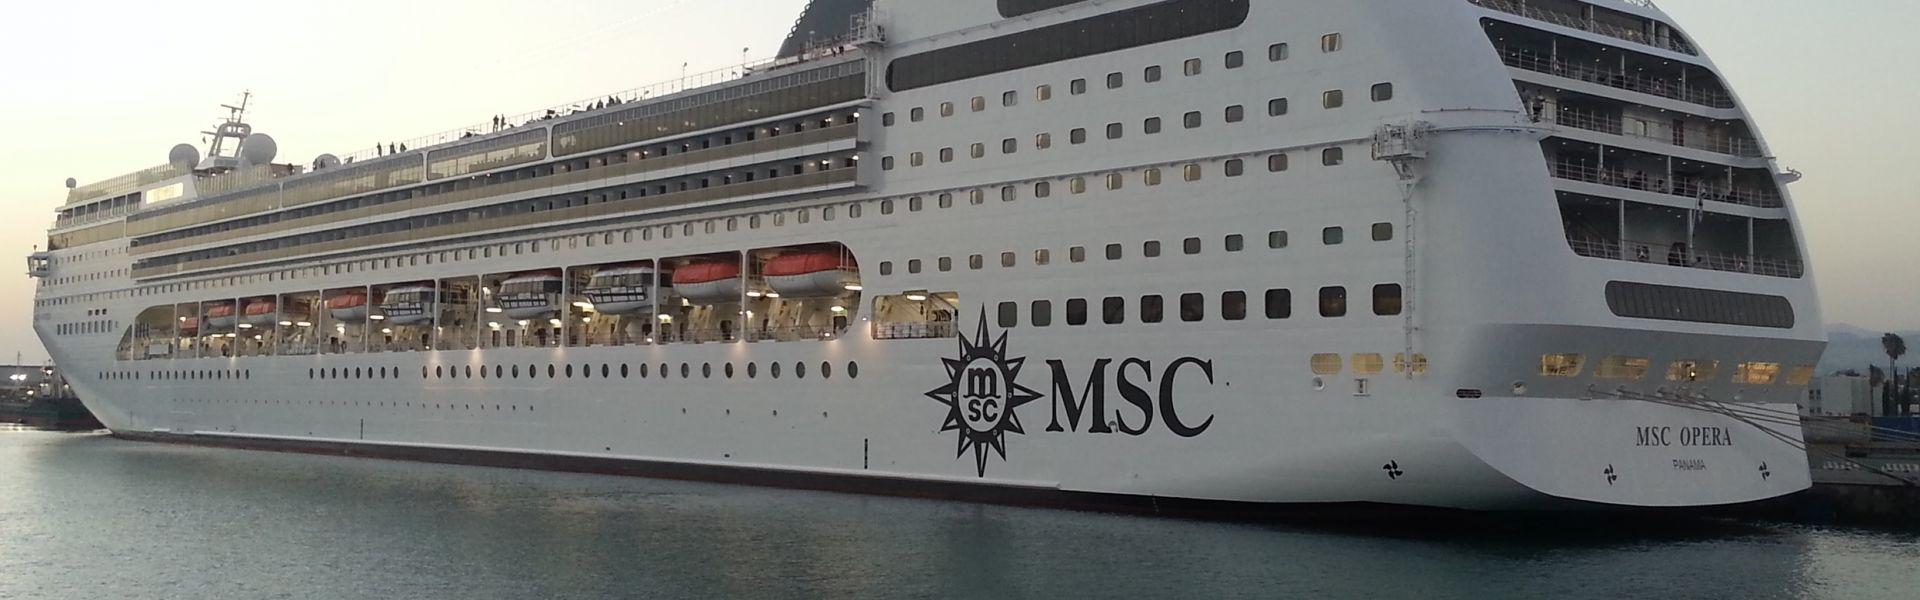 Croaziera 2018/2019 - Caraibele de Vest (Havana) - MSC Cruises - MSC Opera - 7 nopti